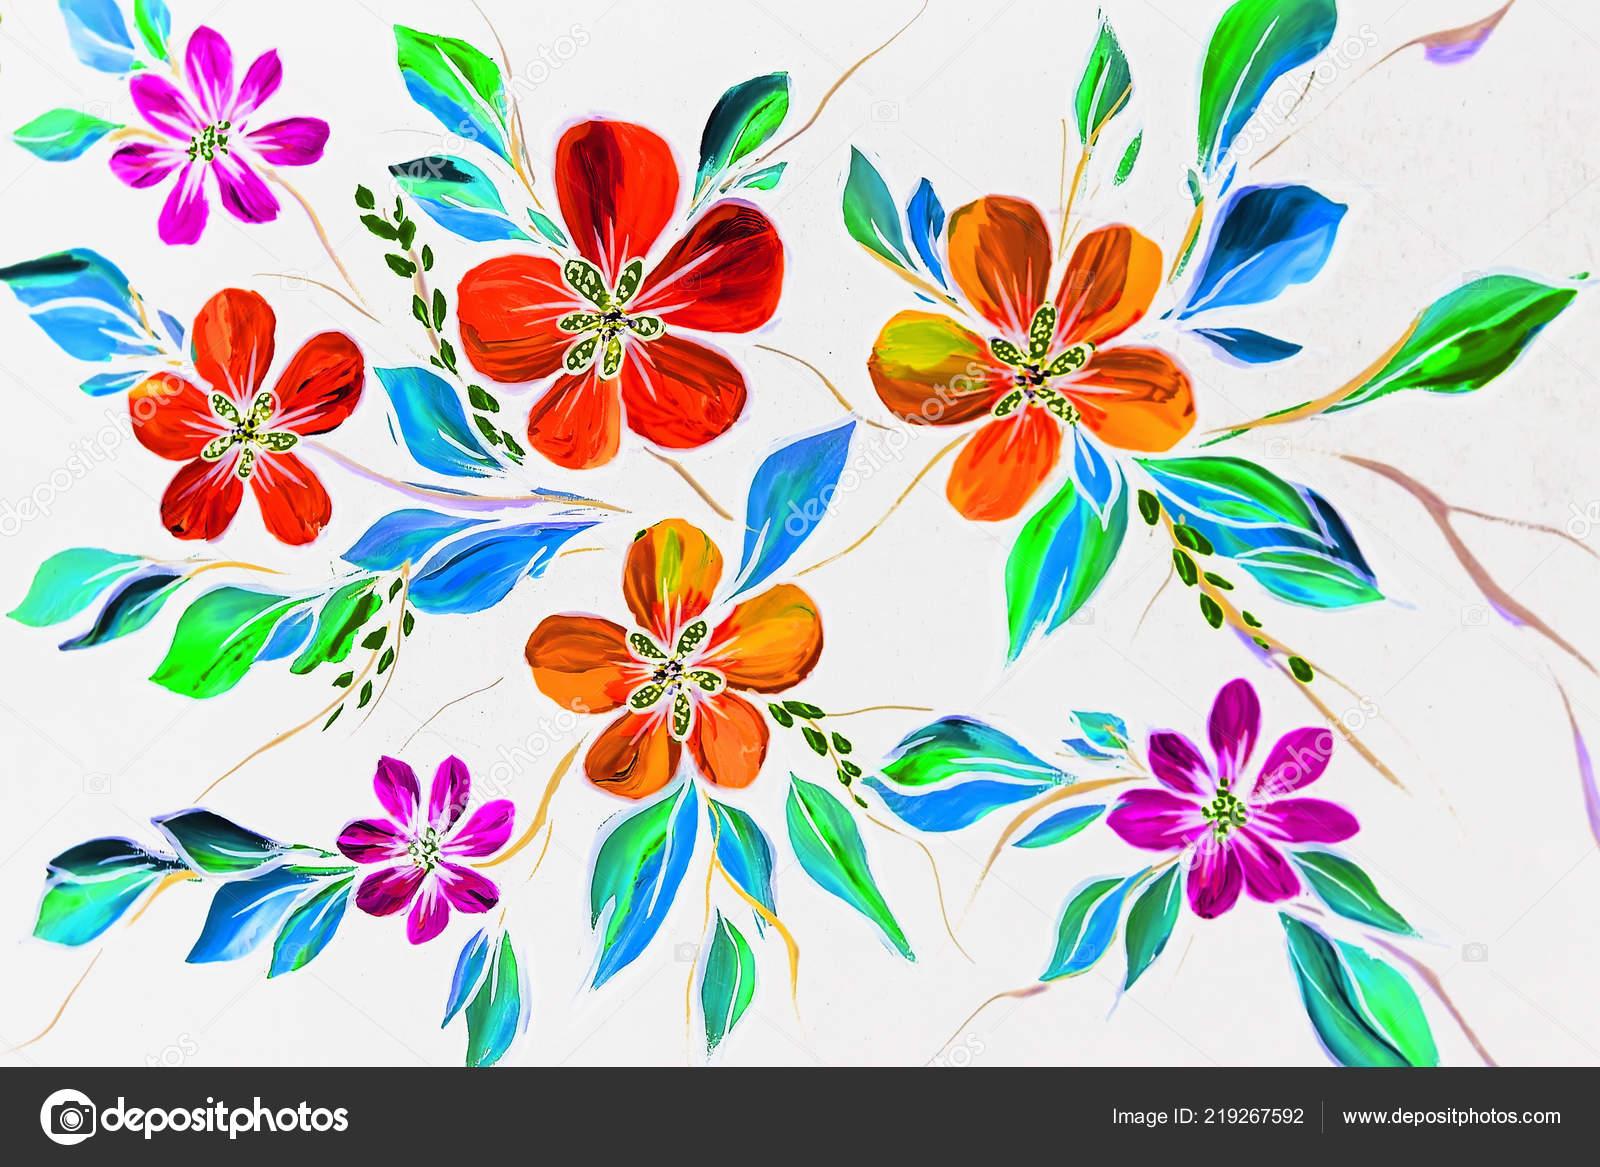 Siyah Zemin çiçek Illüstrasyon Yağlı Boya Izlenimcilik Stil çiçek